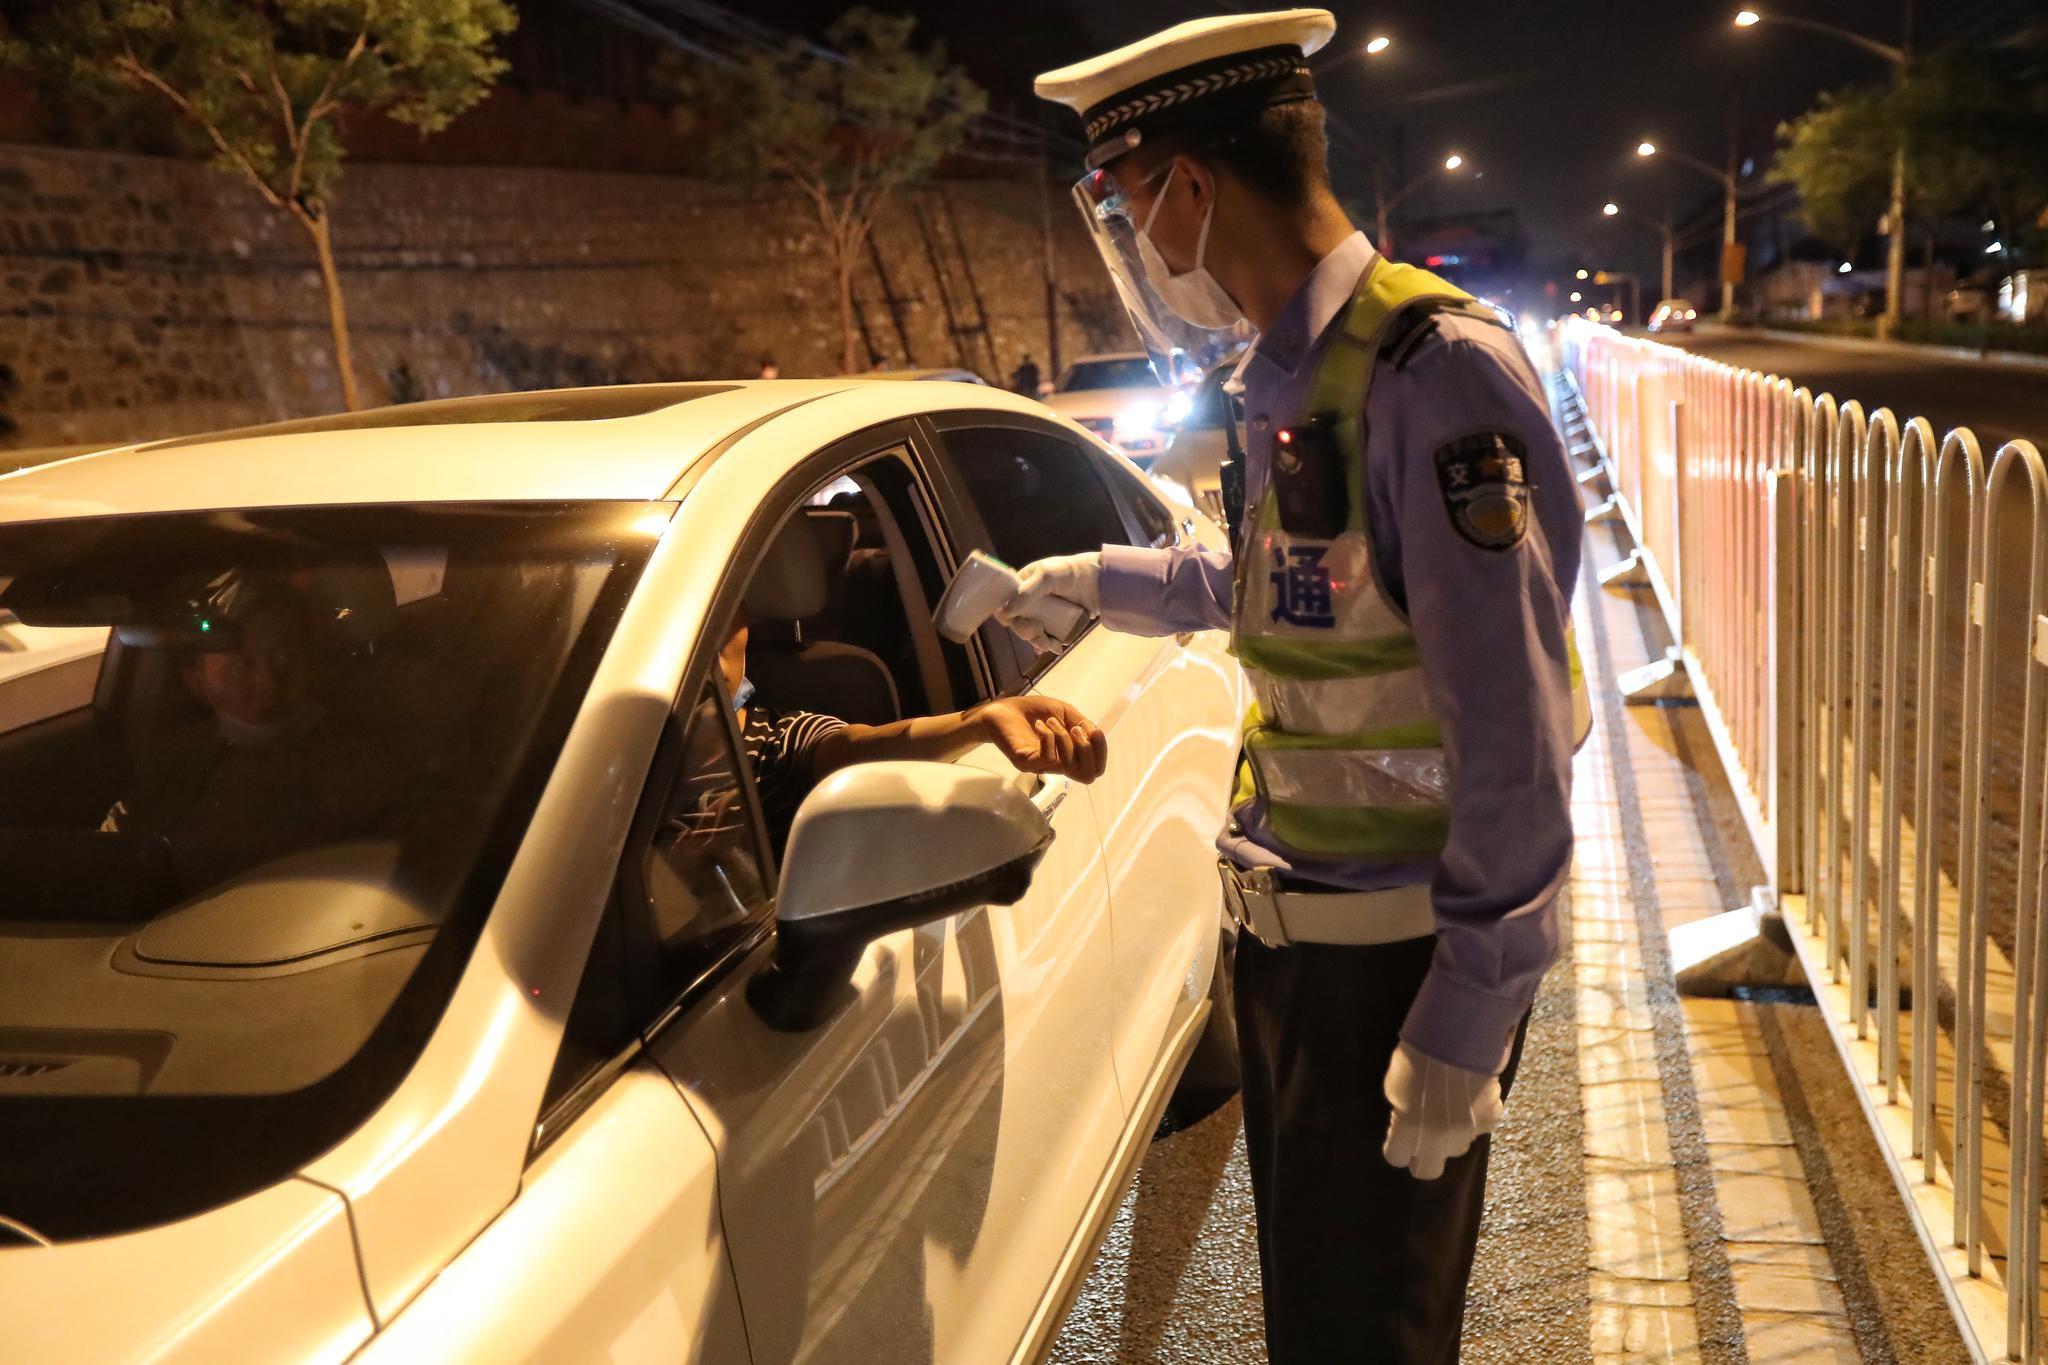 北京交警已恢复酒驾夜查 测酒前先测温图片